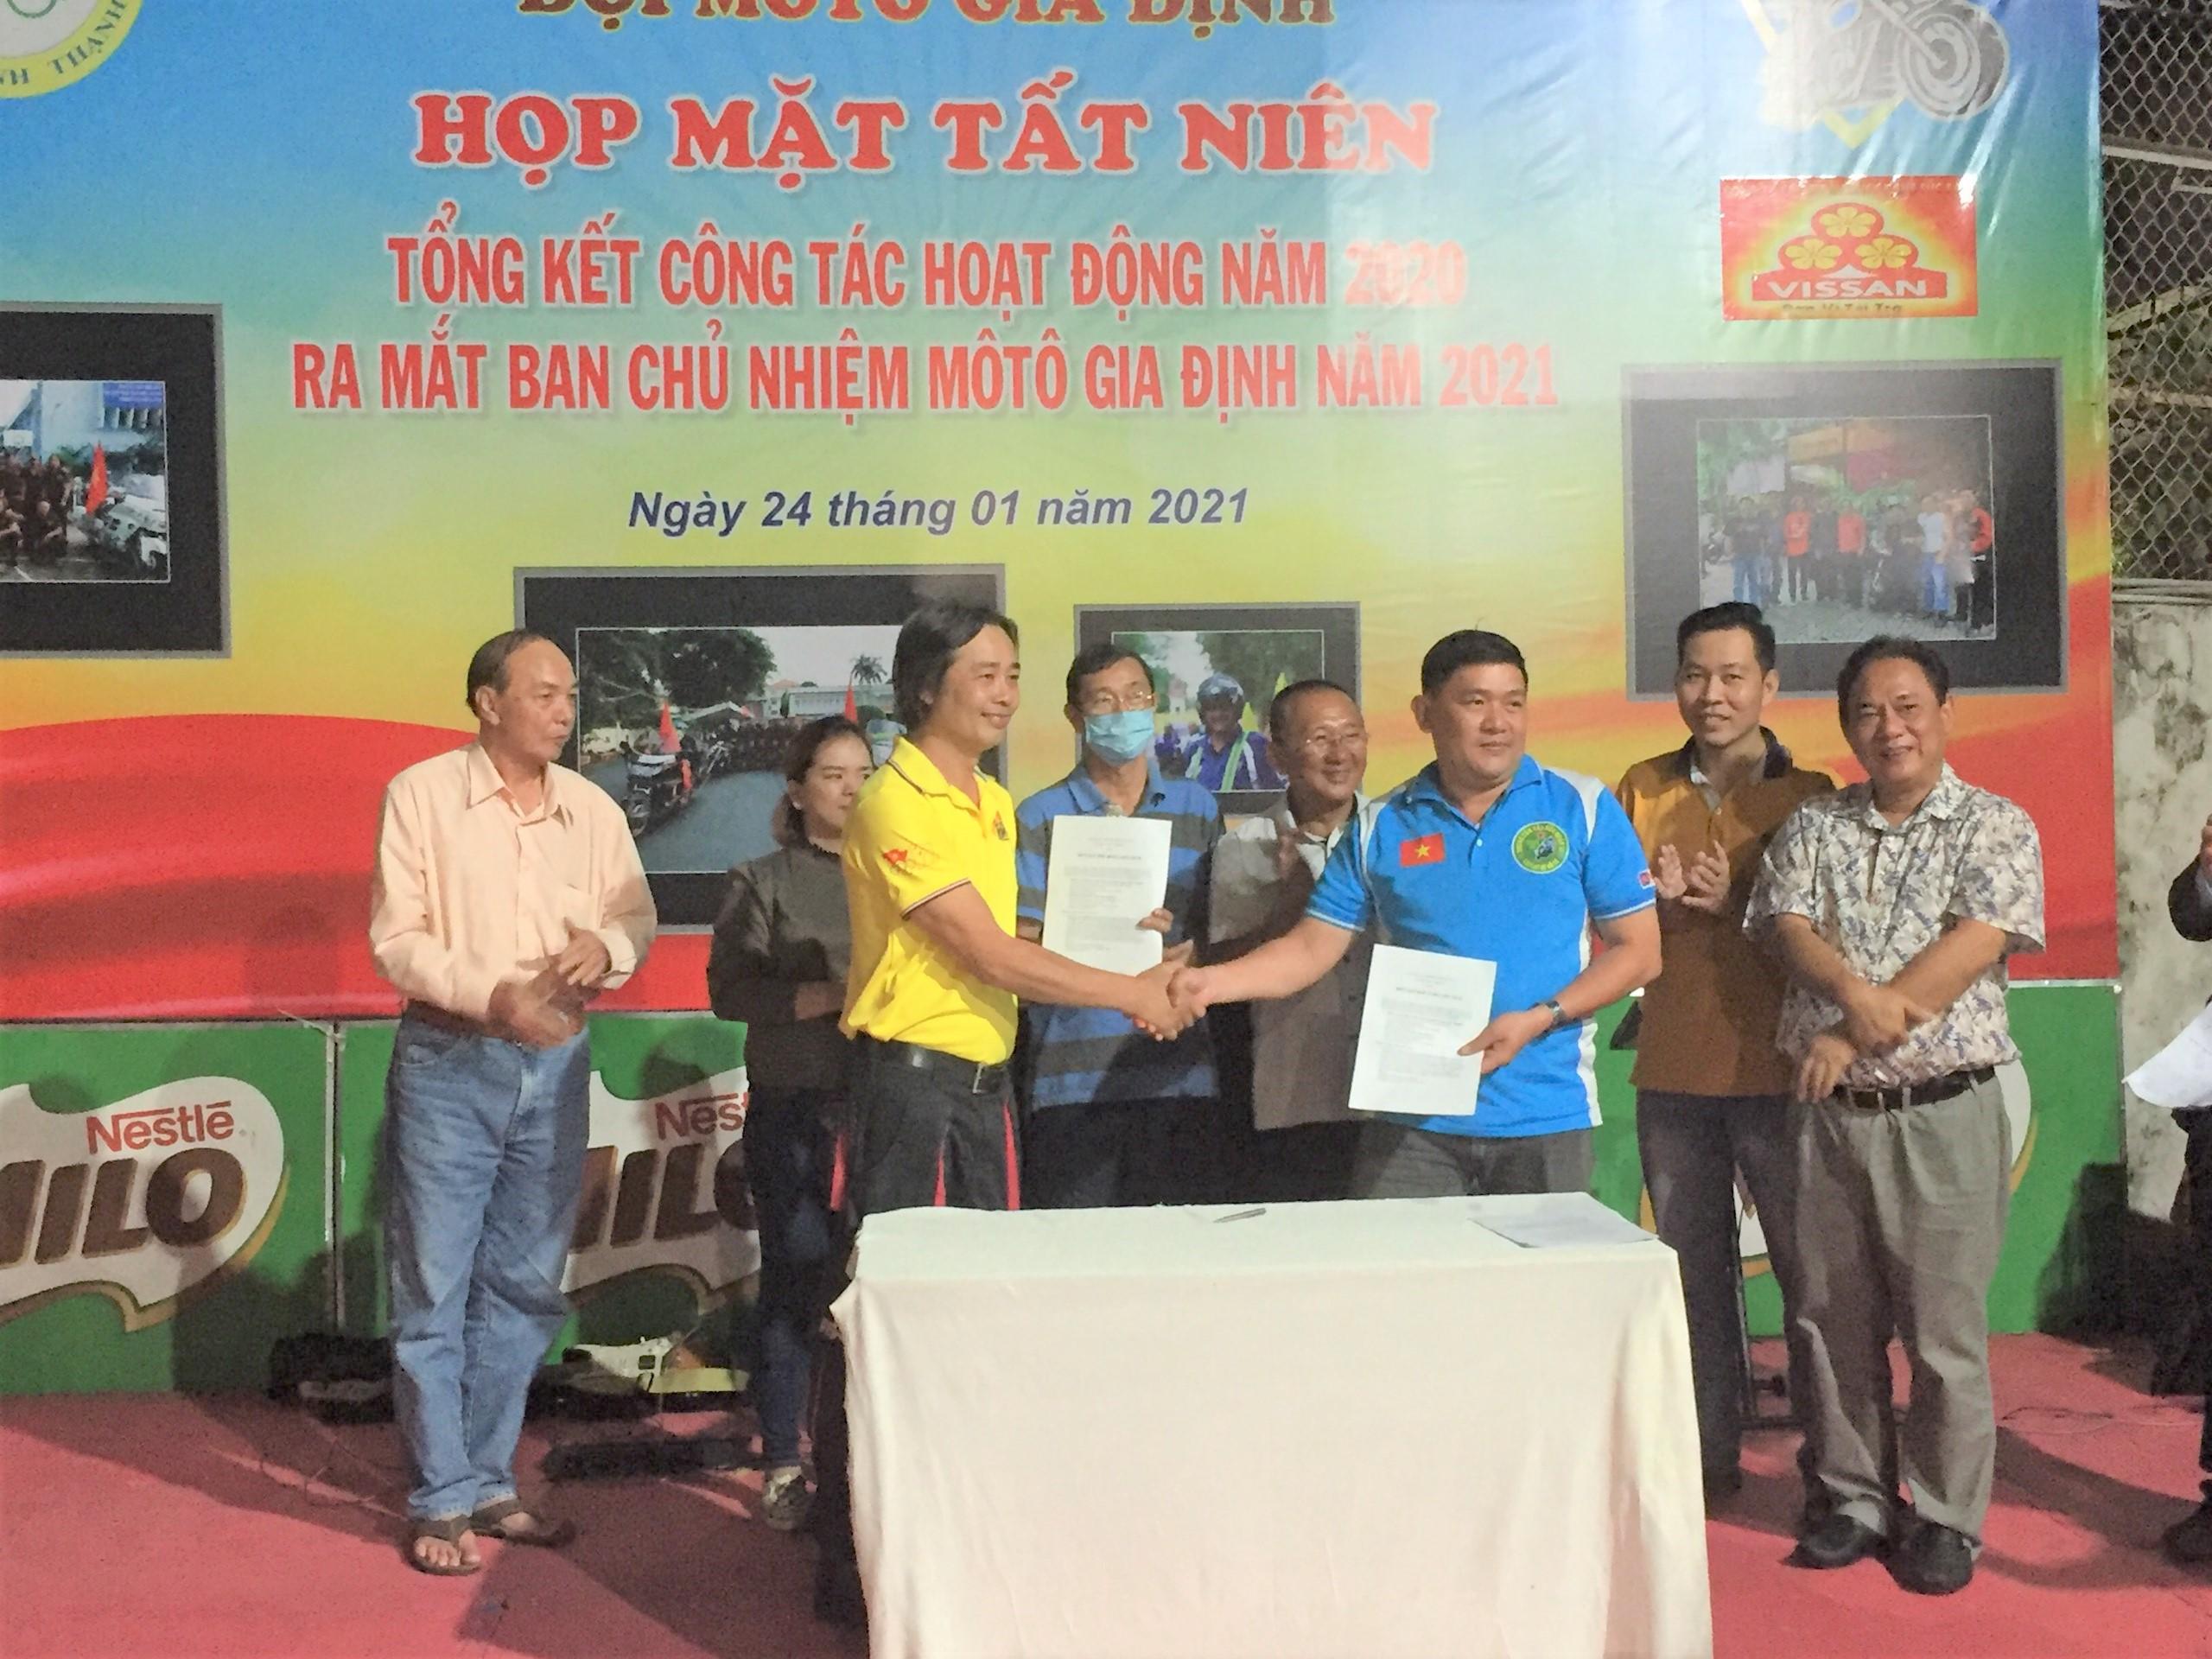 Hình ảnh: CLB Moto Gia Định Quận Bình Thạnh ra mắt Ban chủ nhiệm mới số 5